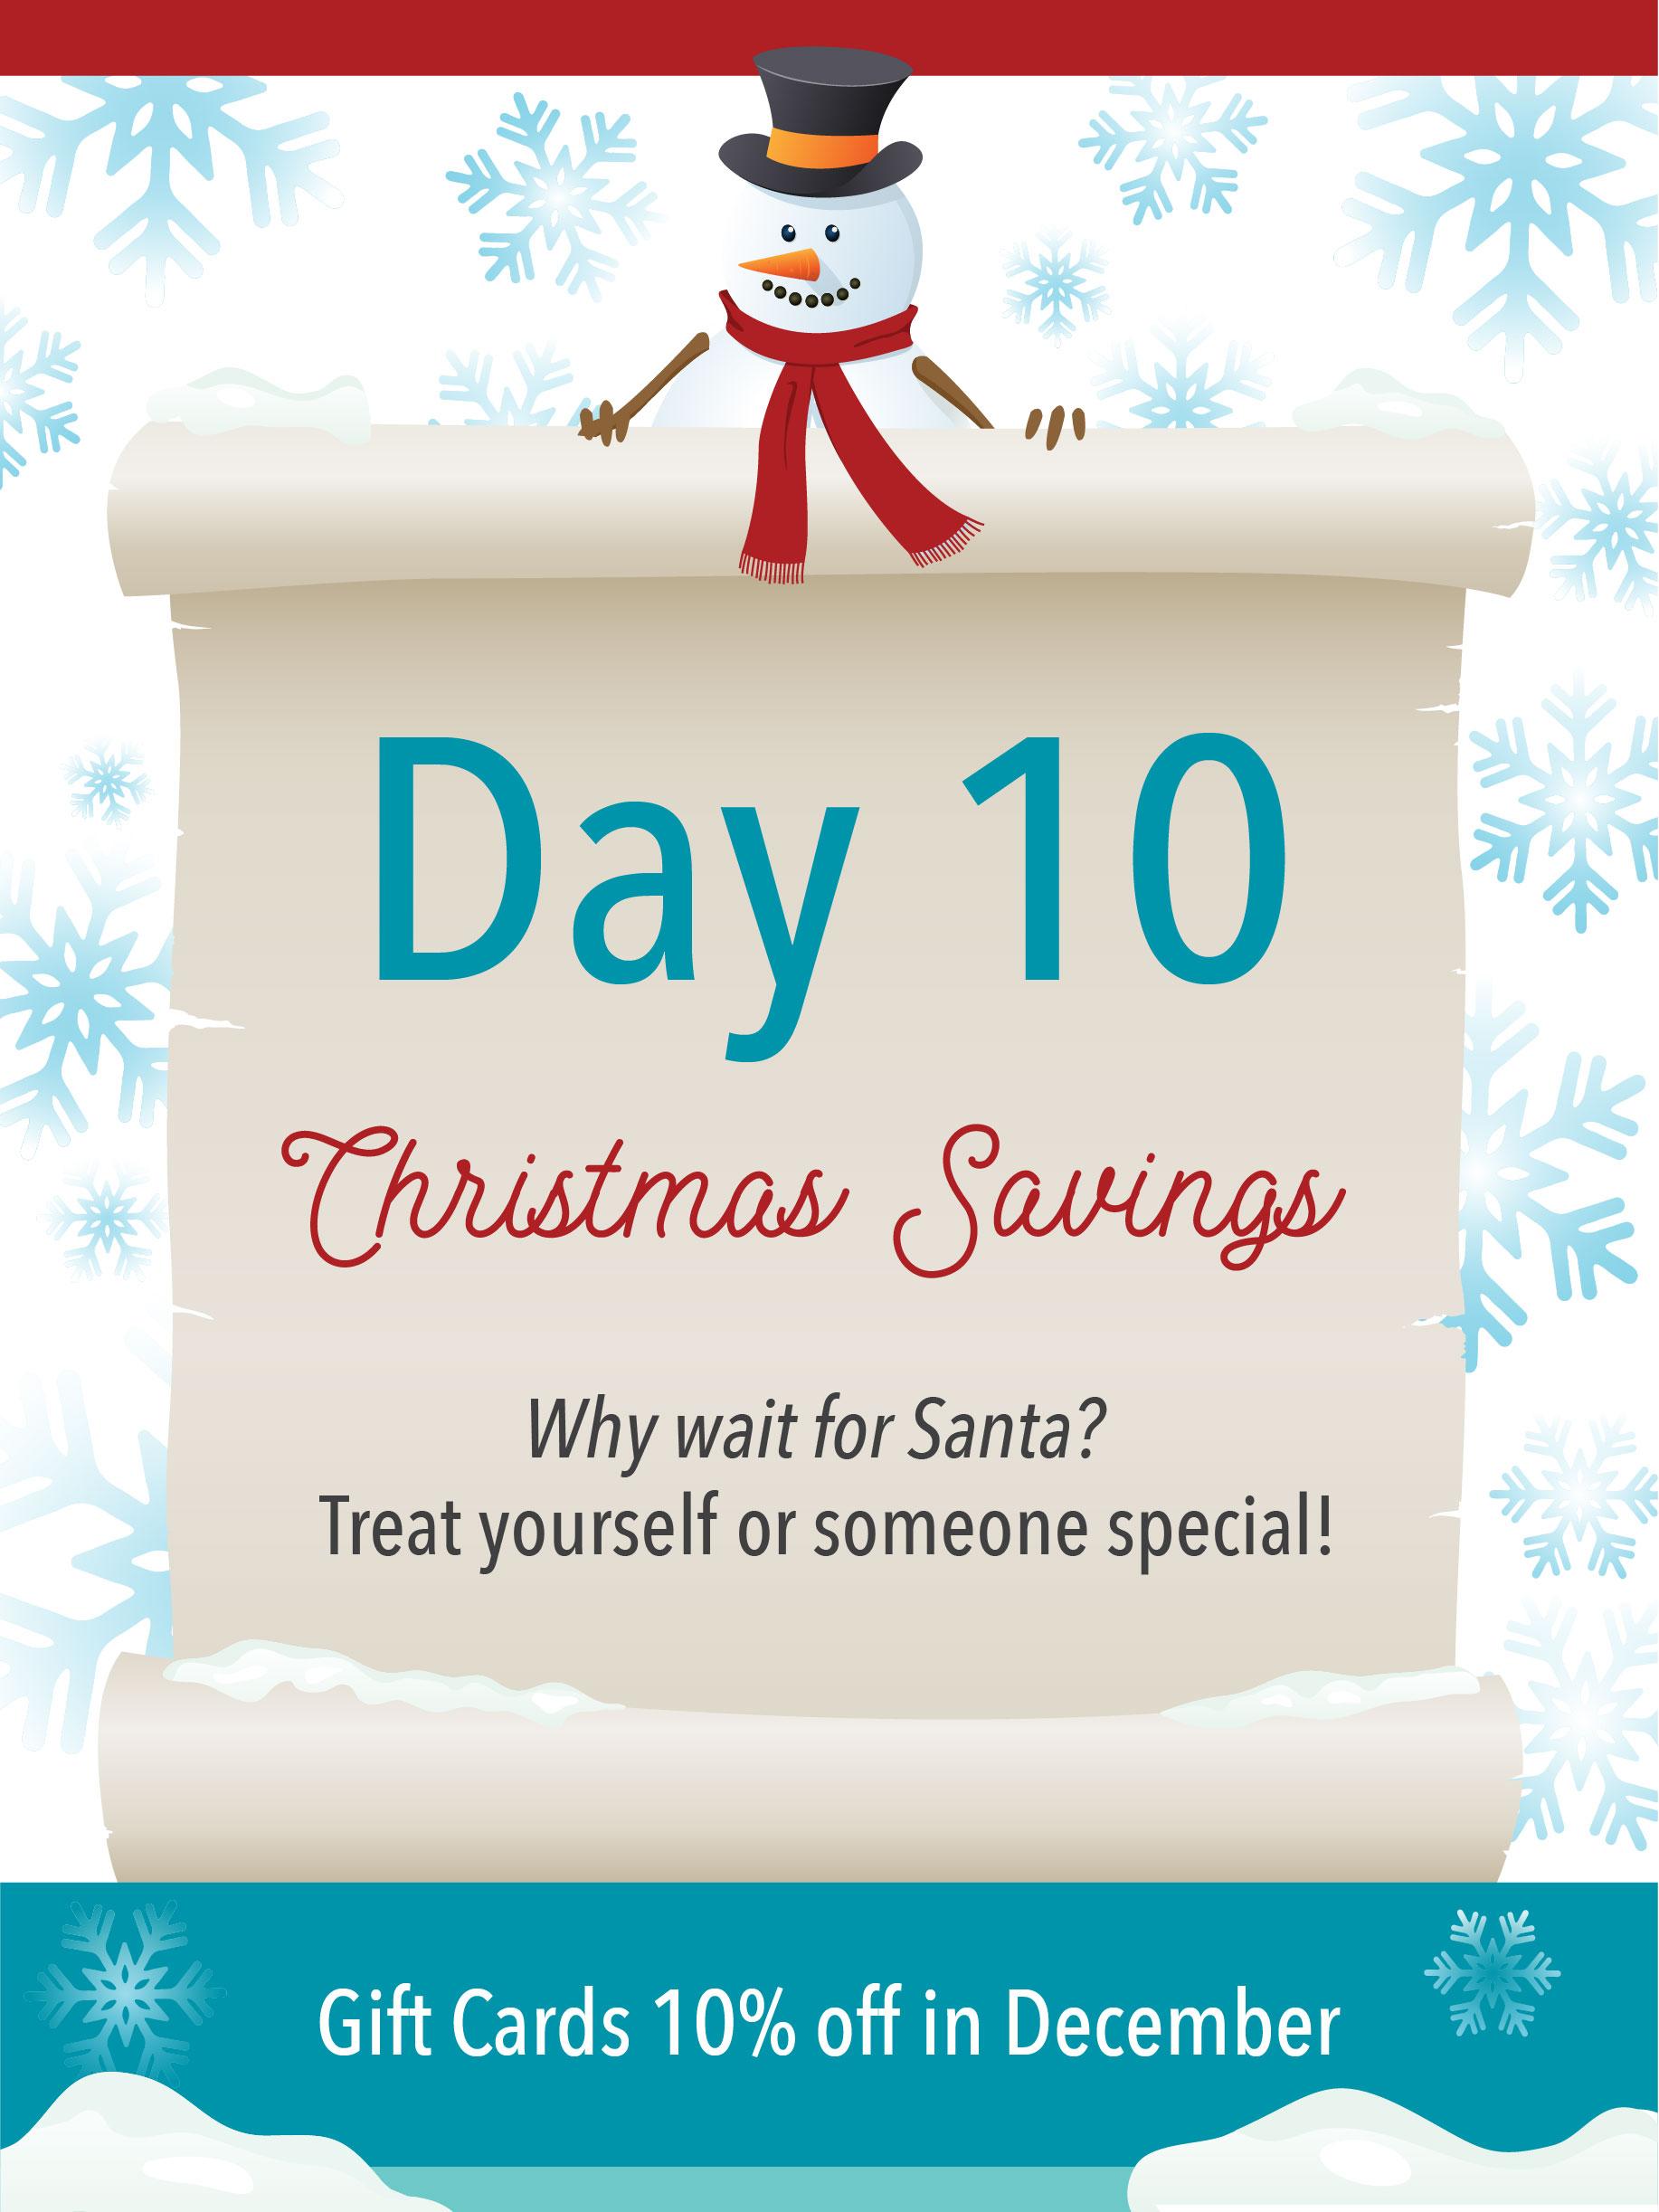 12 Days of Christmas Savings_2017-10.jpg